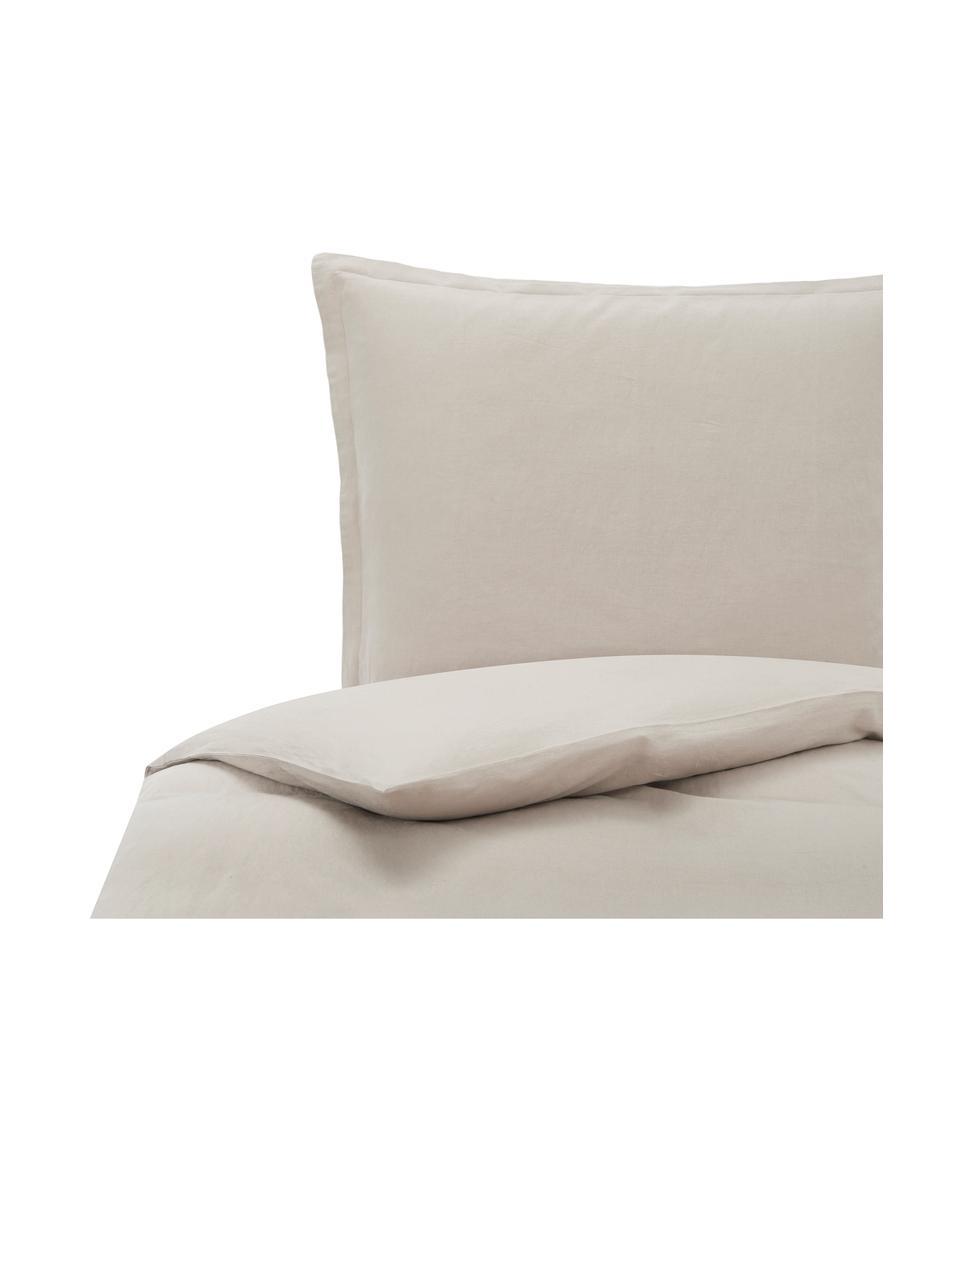 Pościel z lnu z efektem sprania Nature, Beżowy, 240 x 220 cm + 2 poduszki 80 x 80 cm